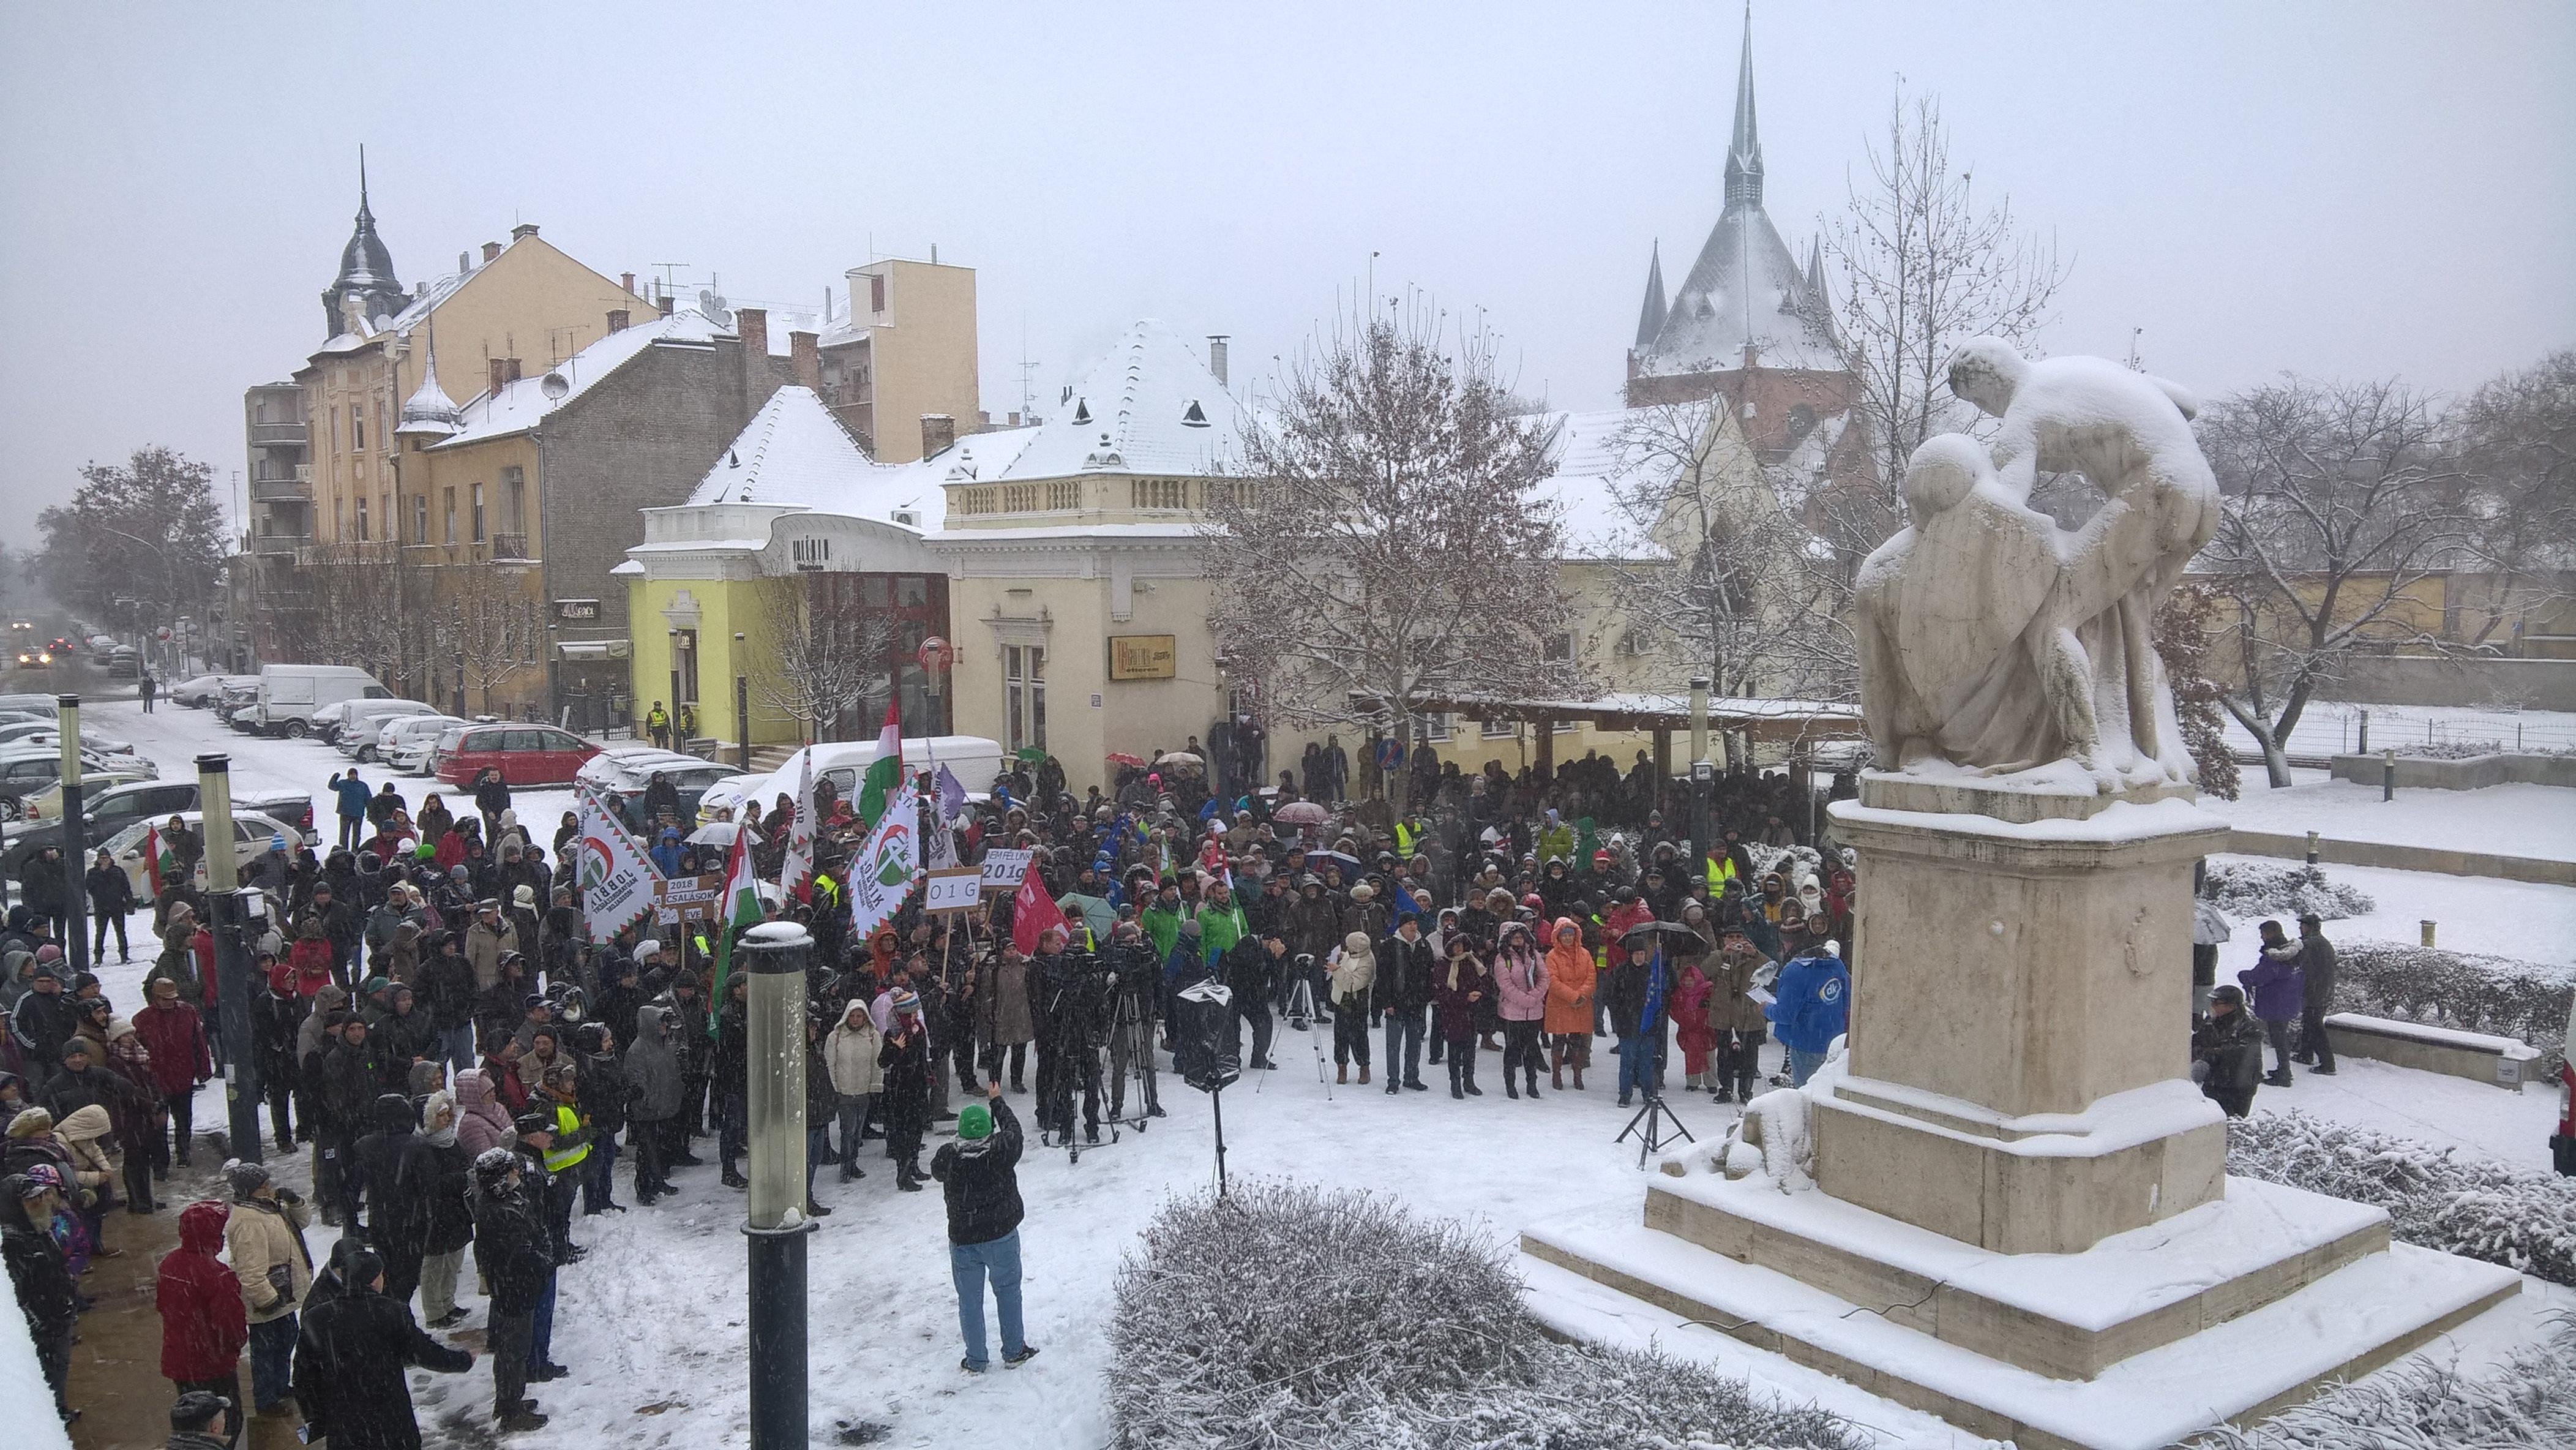 Kormányellenes tüntetés volt Hódmezővásárhelyen, Szolnokon, Komlón és Debrecenben is